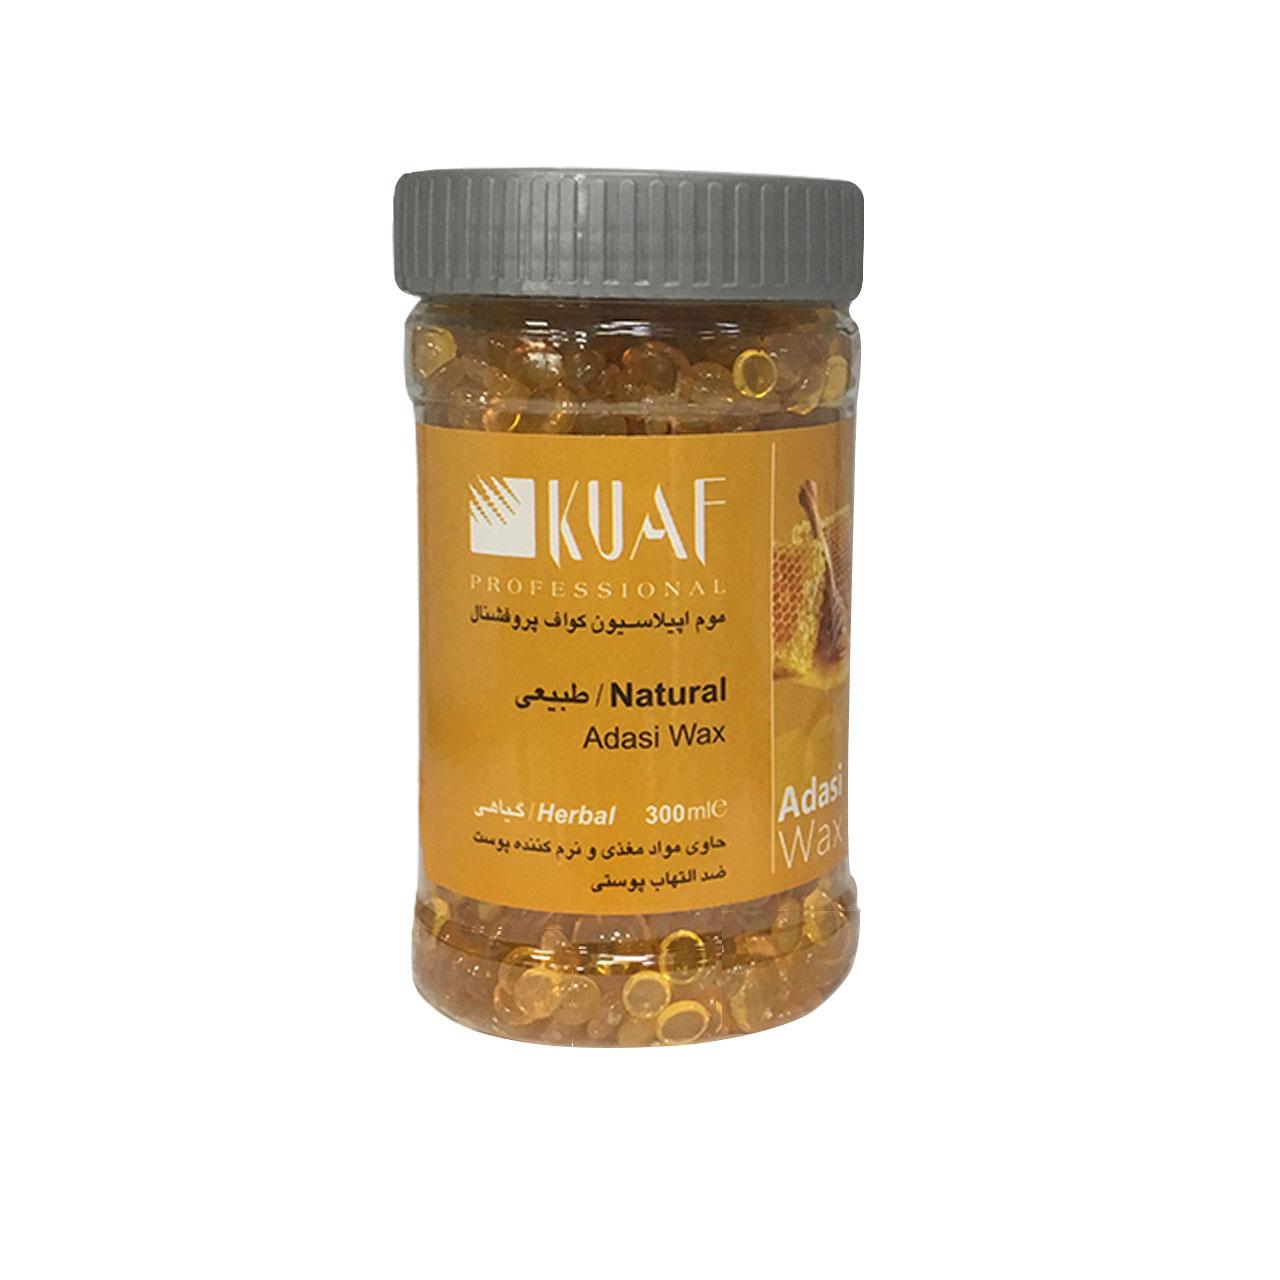 خرید                      وکس موبر کواف مدل Honey حجم 300 میلی لیتر              ✅